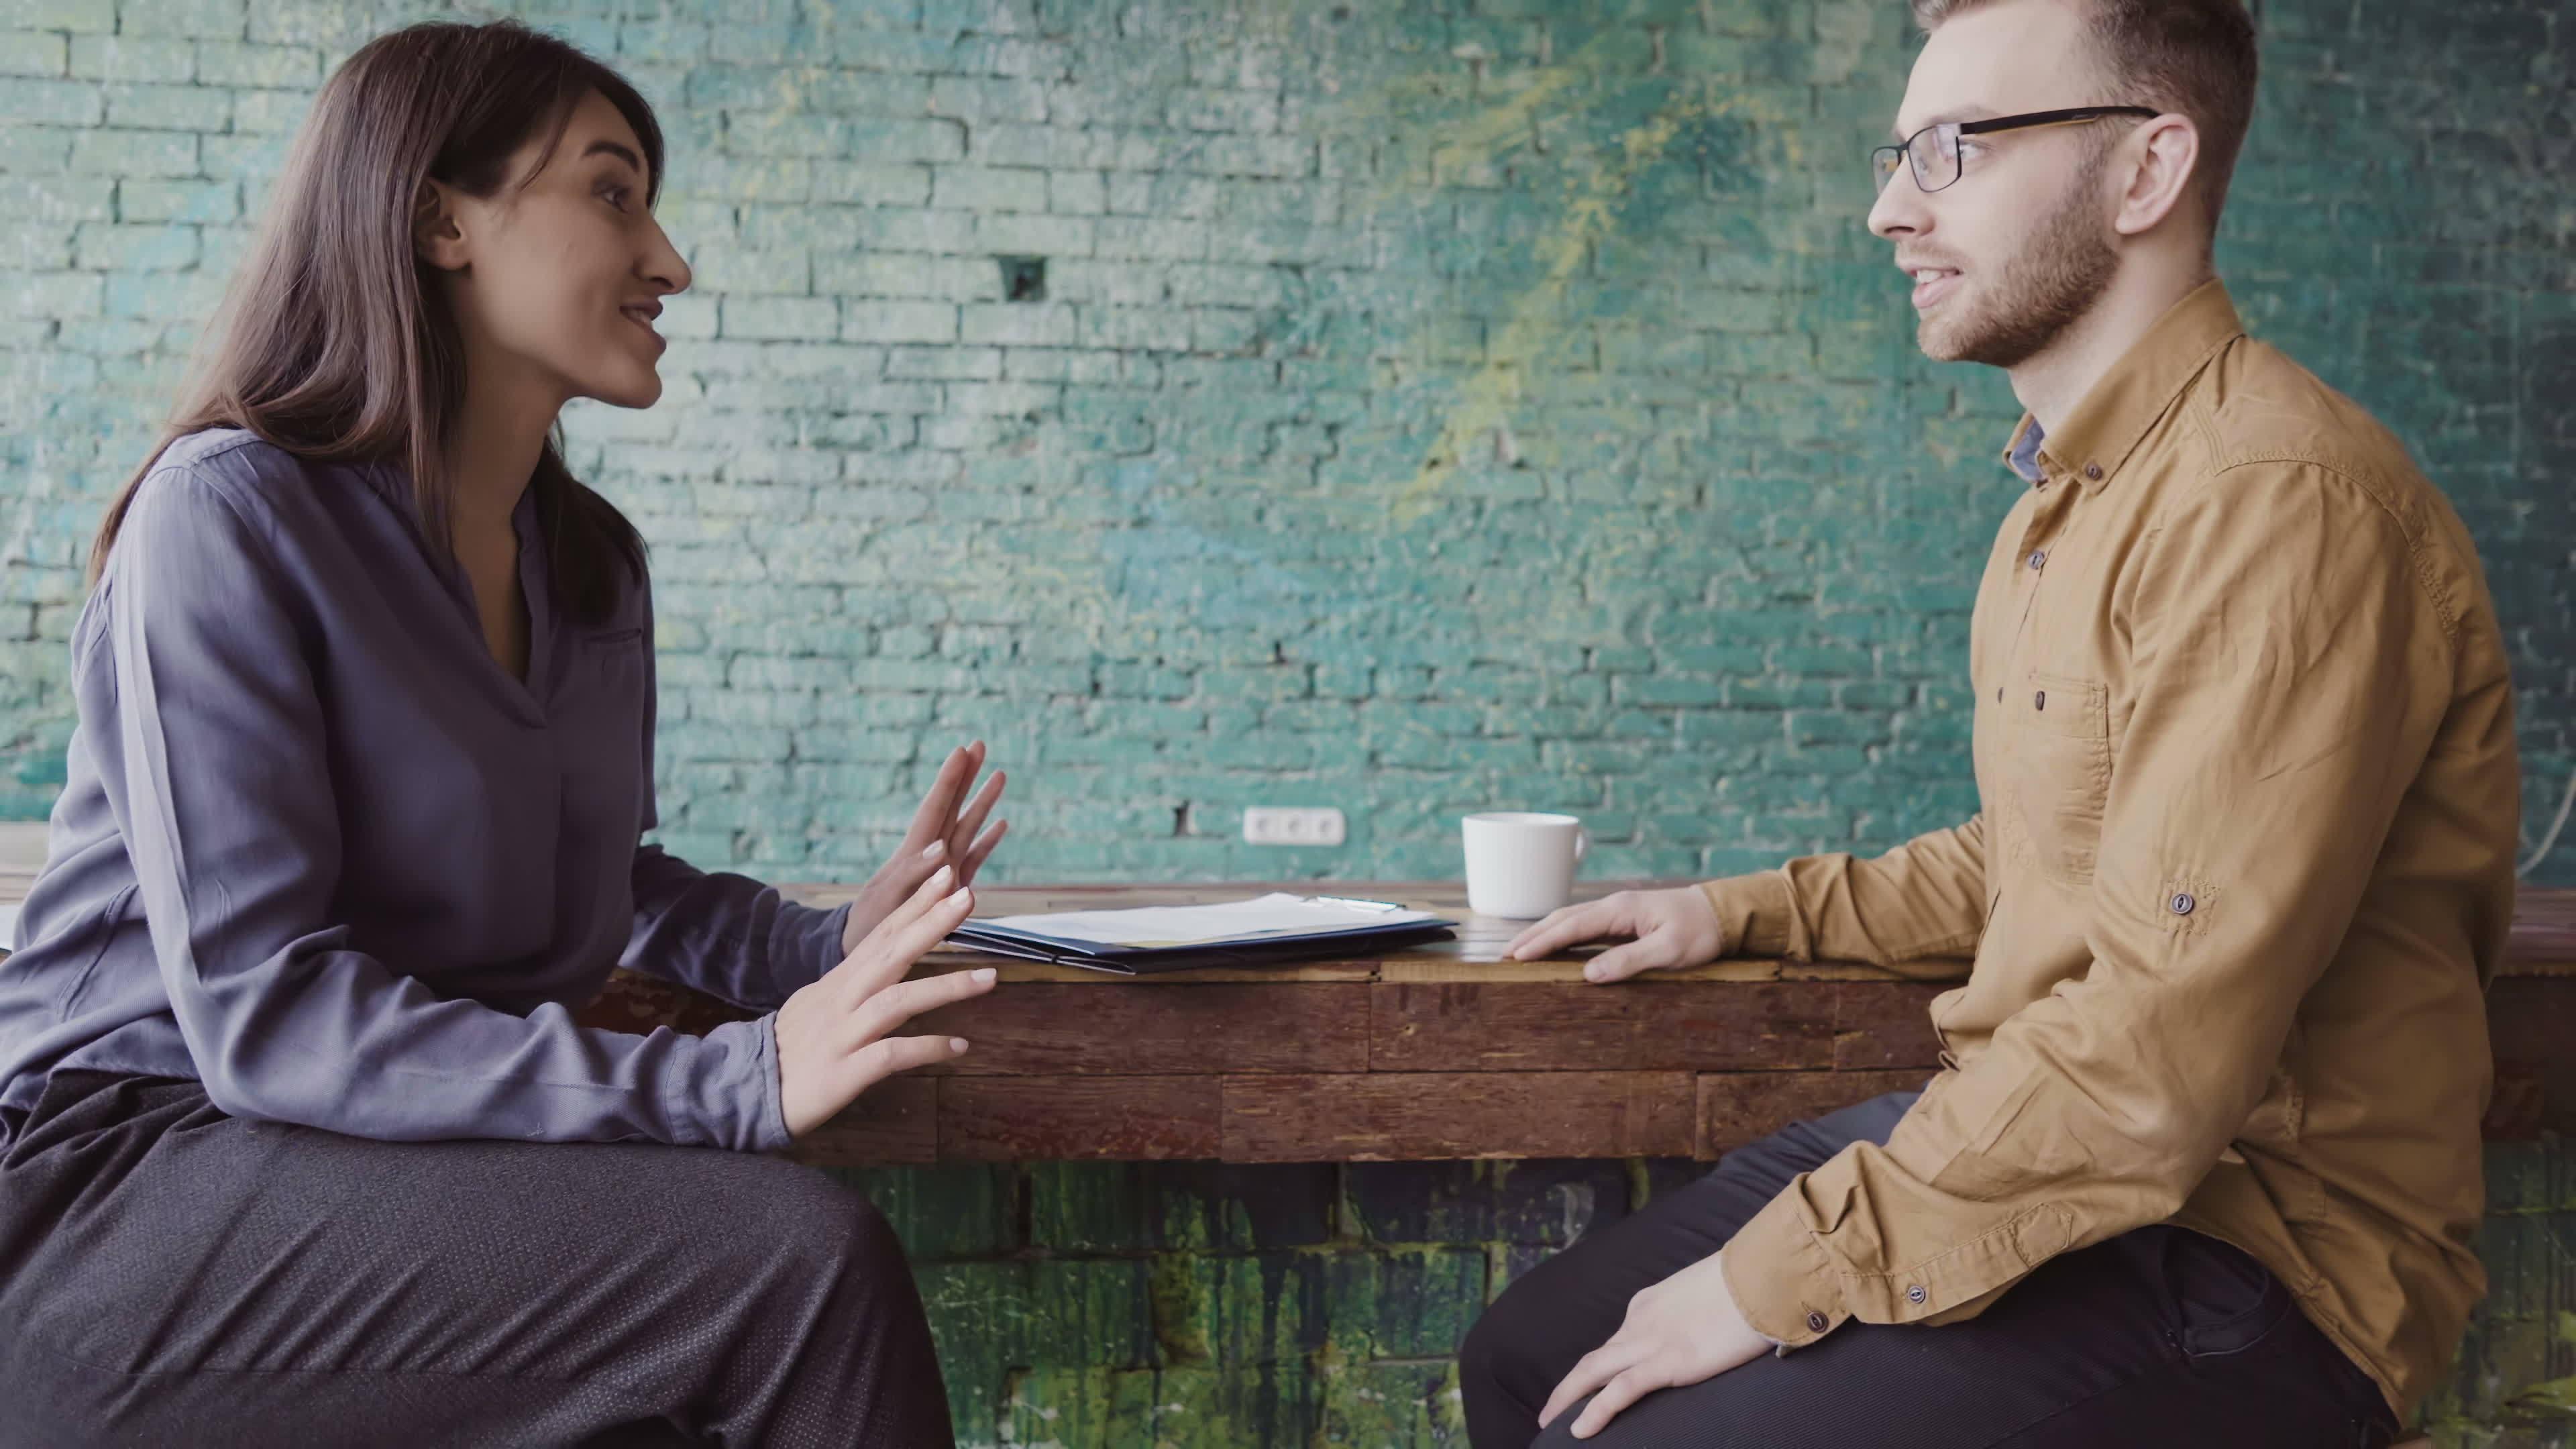 AD-A är anpassat för arbetsgivare så att de ska känna igen varningssignaler och sätta in åtgärder när medarbetare drabbas av stress eller annan ohälsa på grund av arbetet.